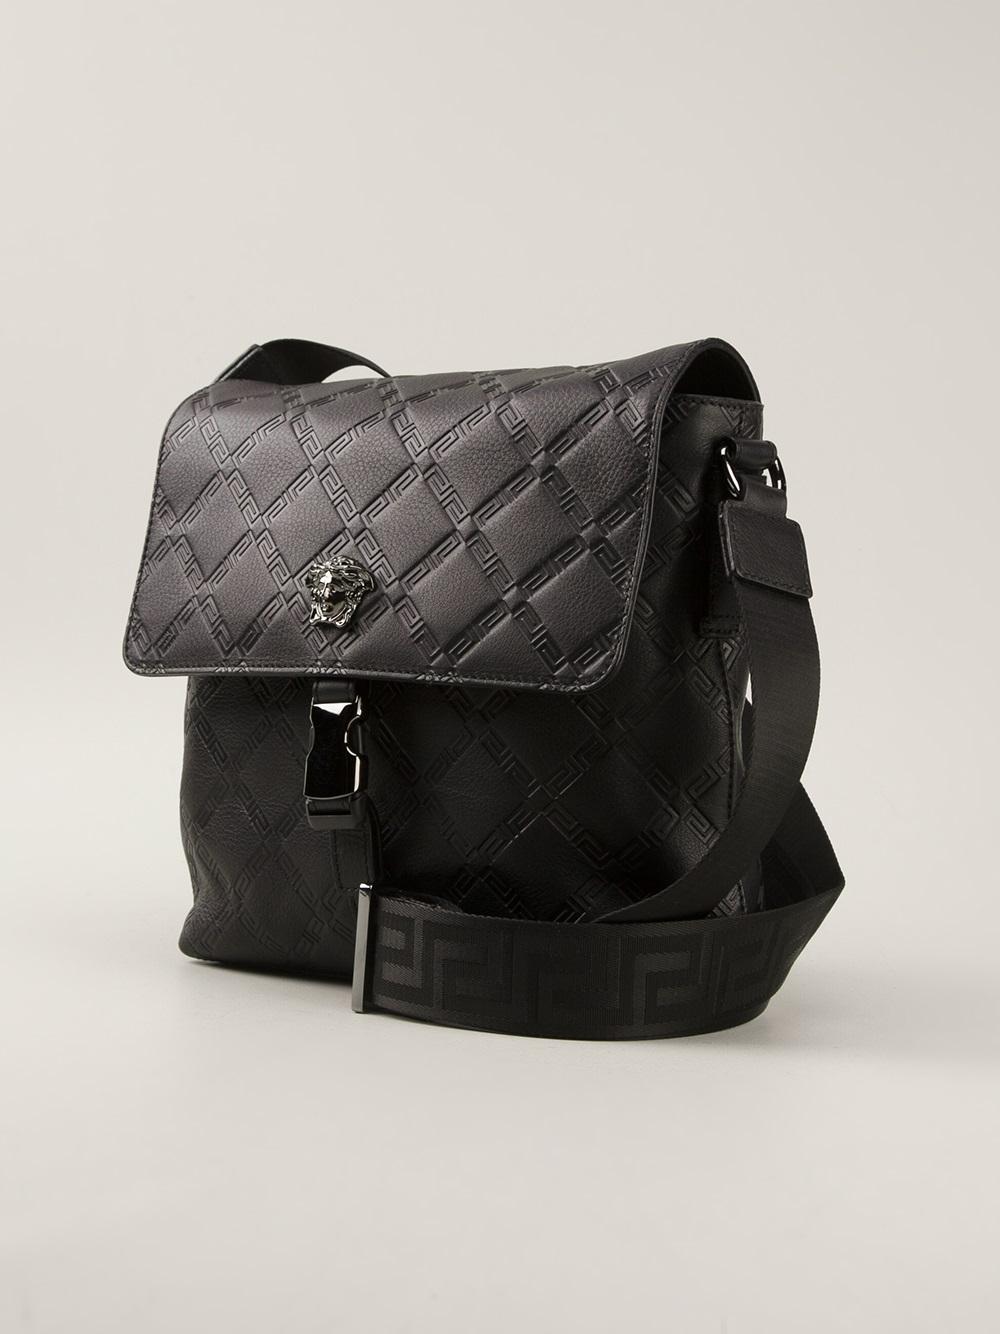 Versace Black Shoulder Bag 91